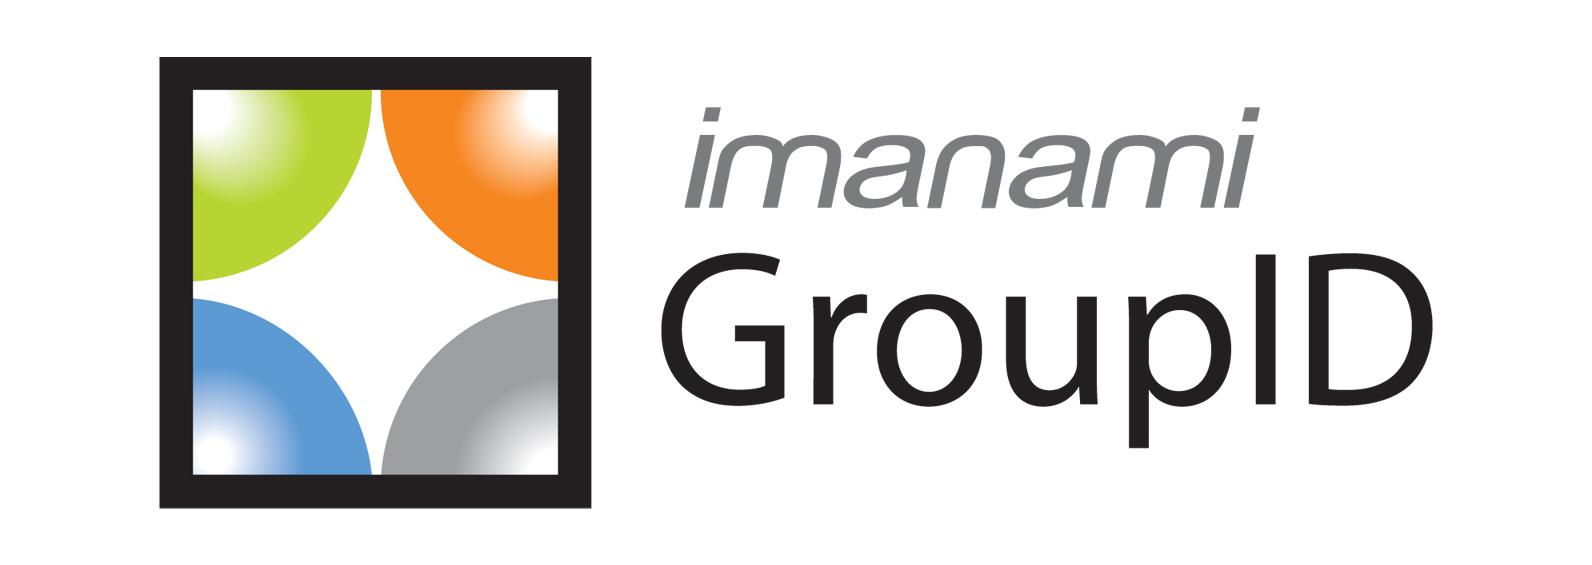 Imanami_logo_Bay_Area_Inbound